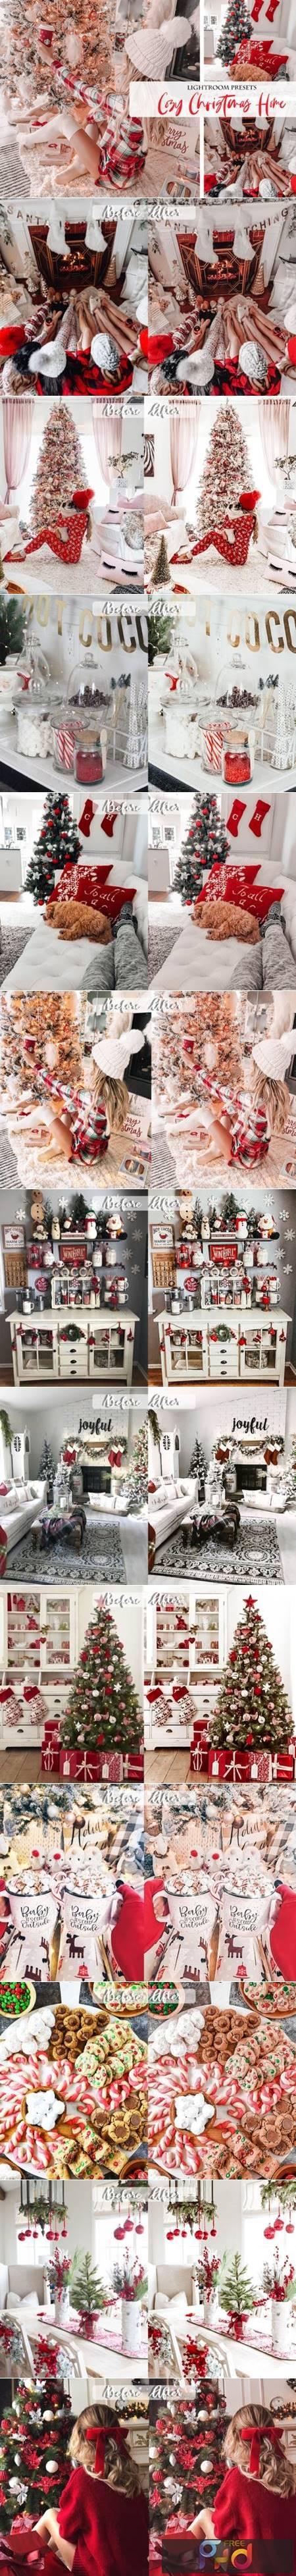 Cozy Christmas Home Lightroom Presets 5840983 1